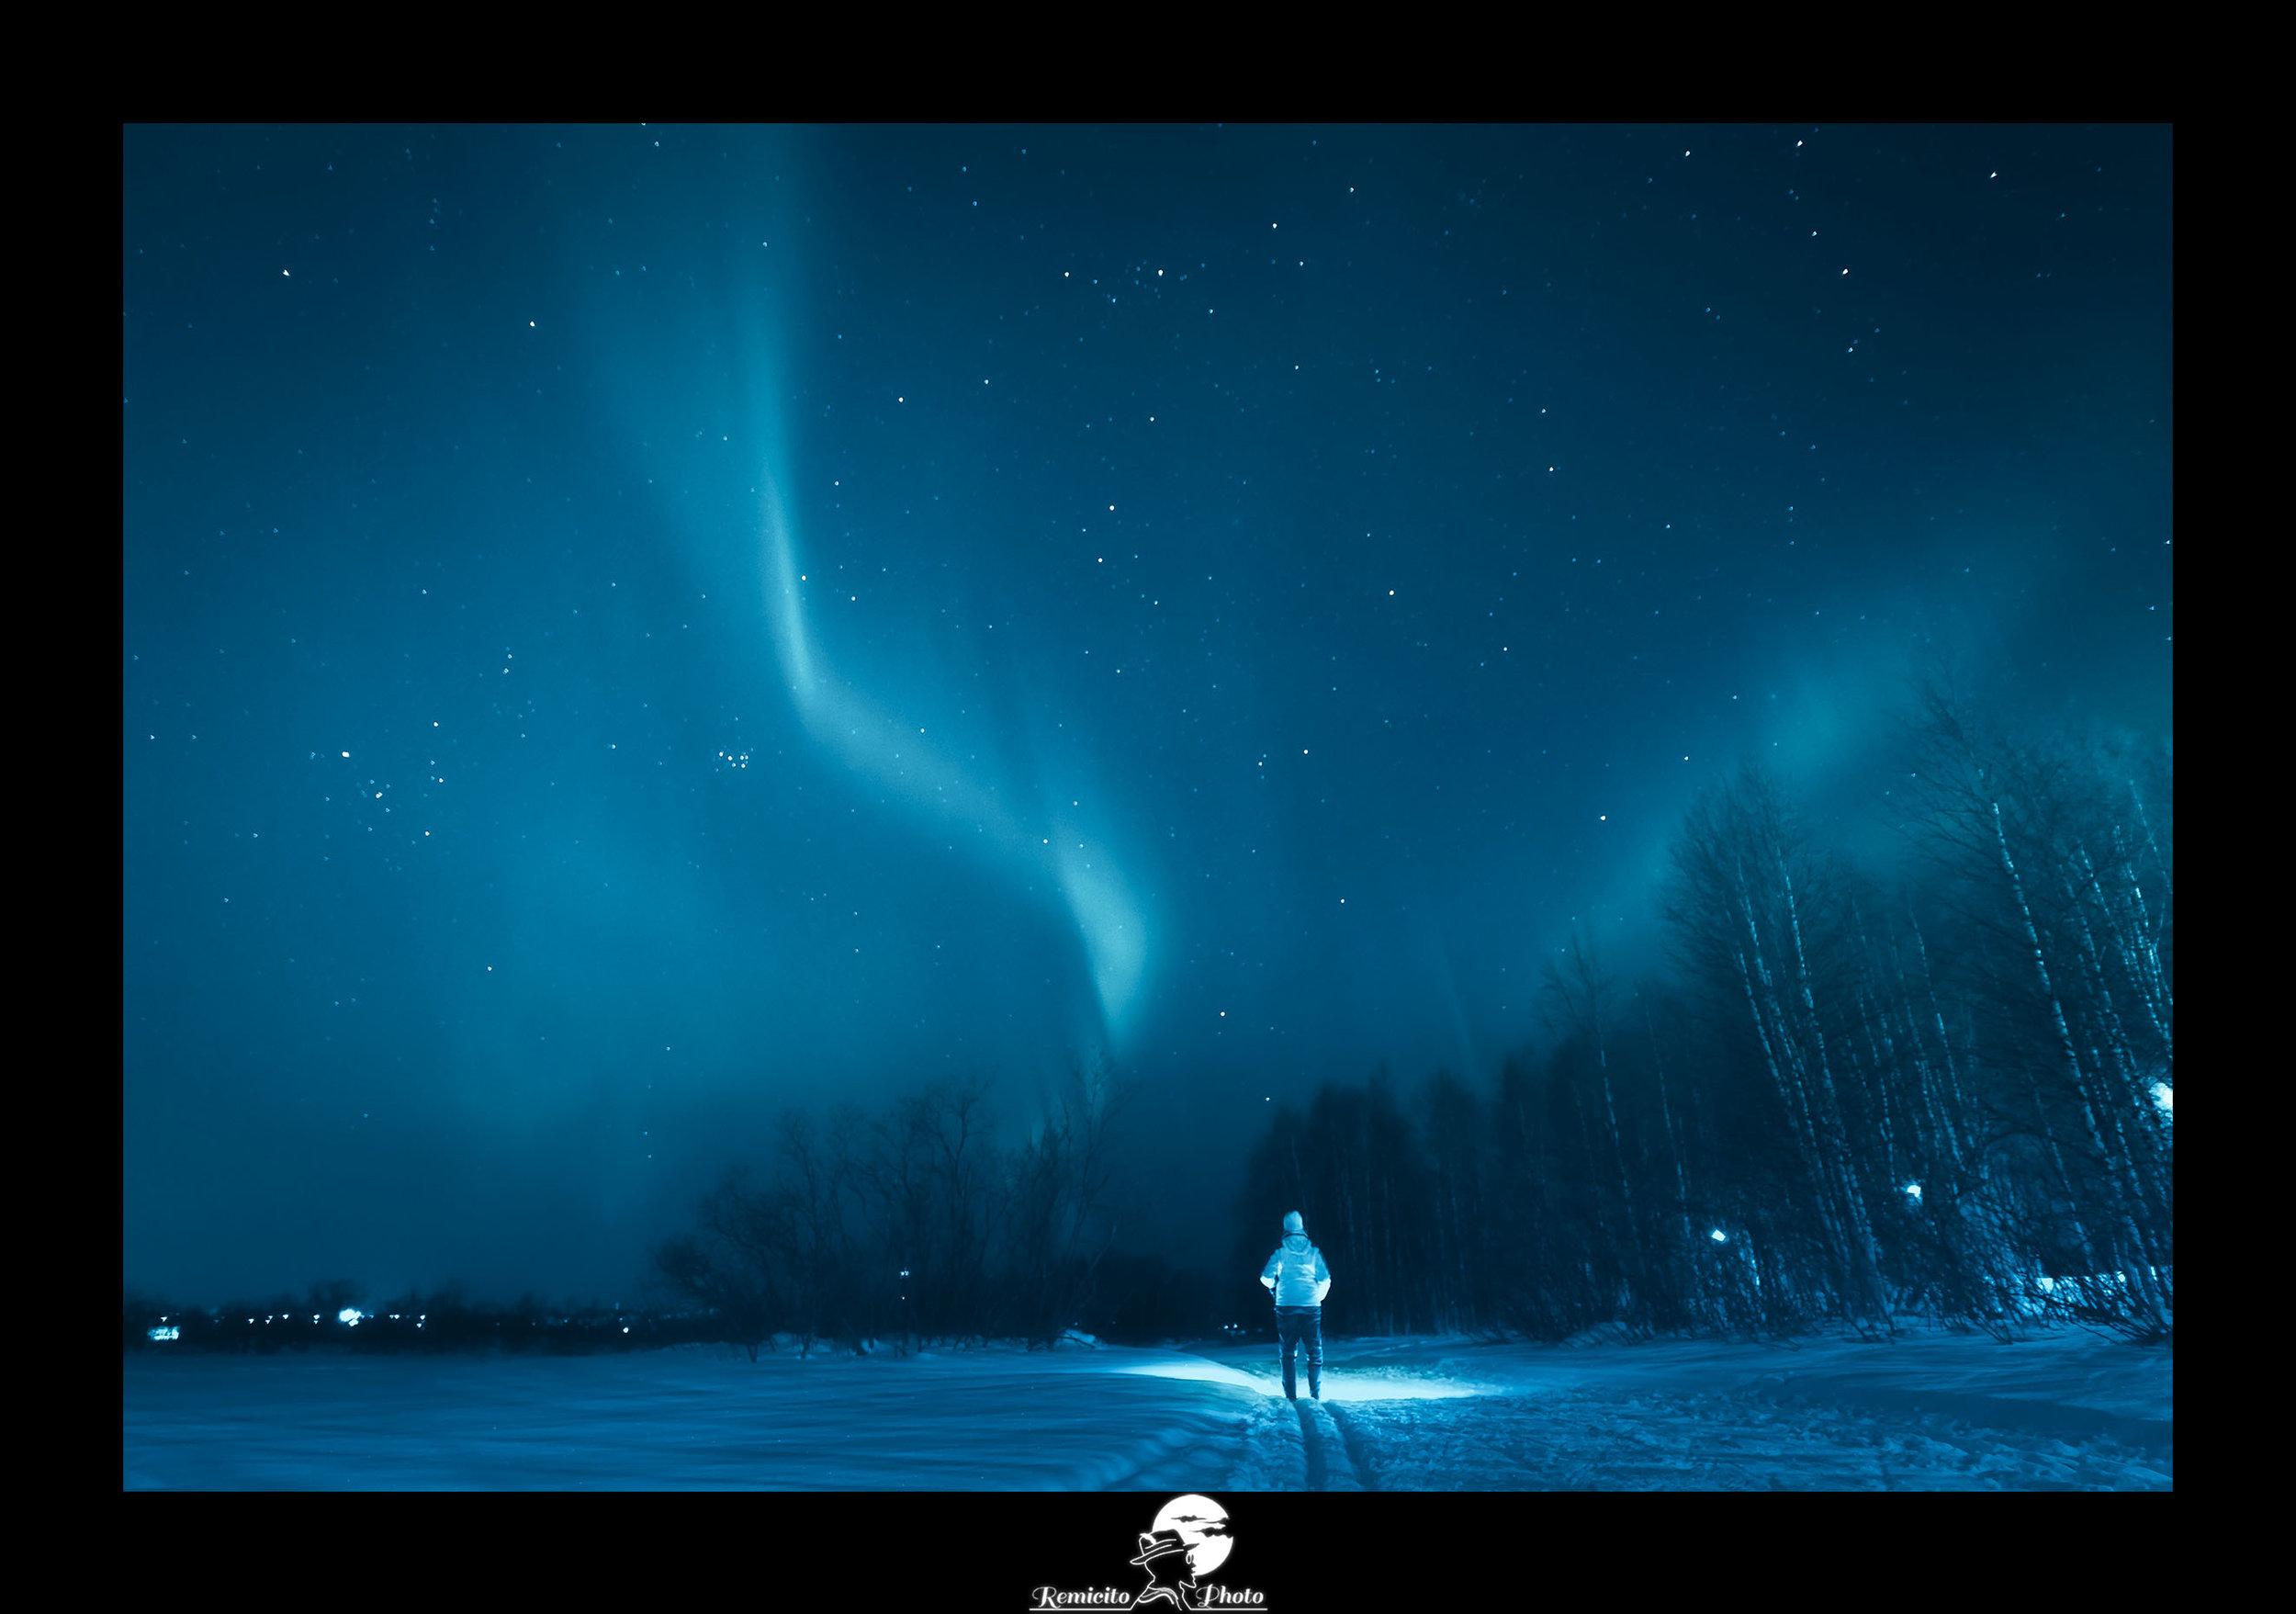 Remicito photo, remicito, image du jour, photo du jour, photo of the day, belle photo aurores boréales finlande, northern lights rovaniemi finland, belle photo ciel finlande, idée cadeau belle photo tirage qualité ciel aurore boréale